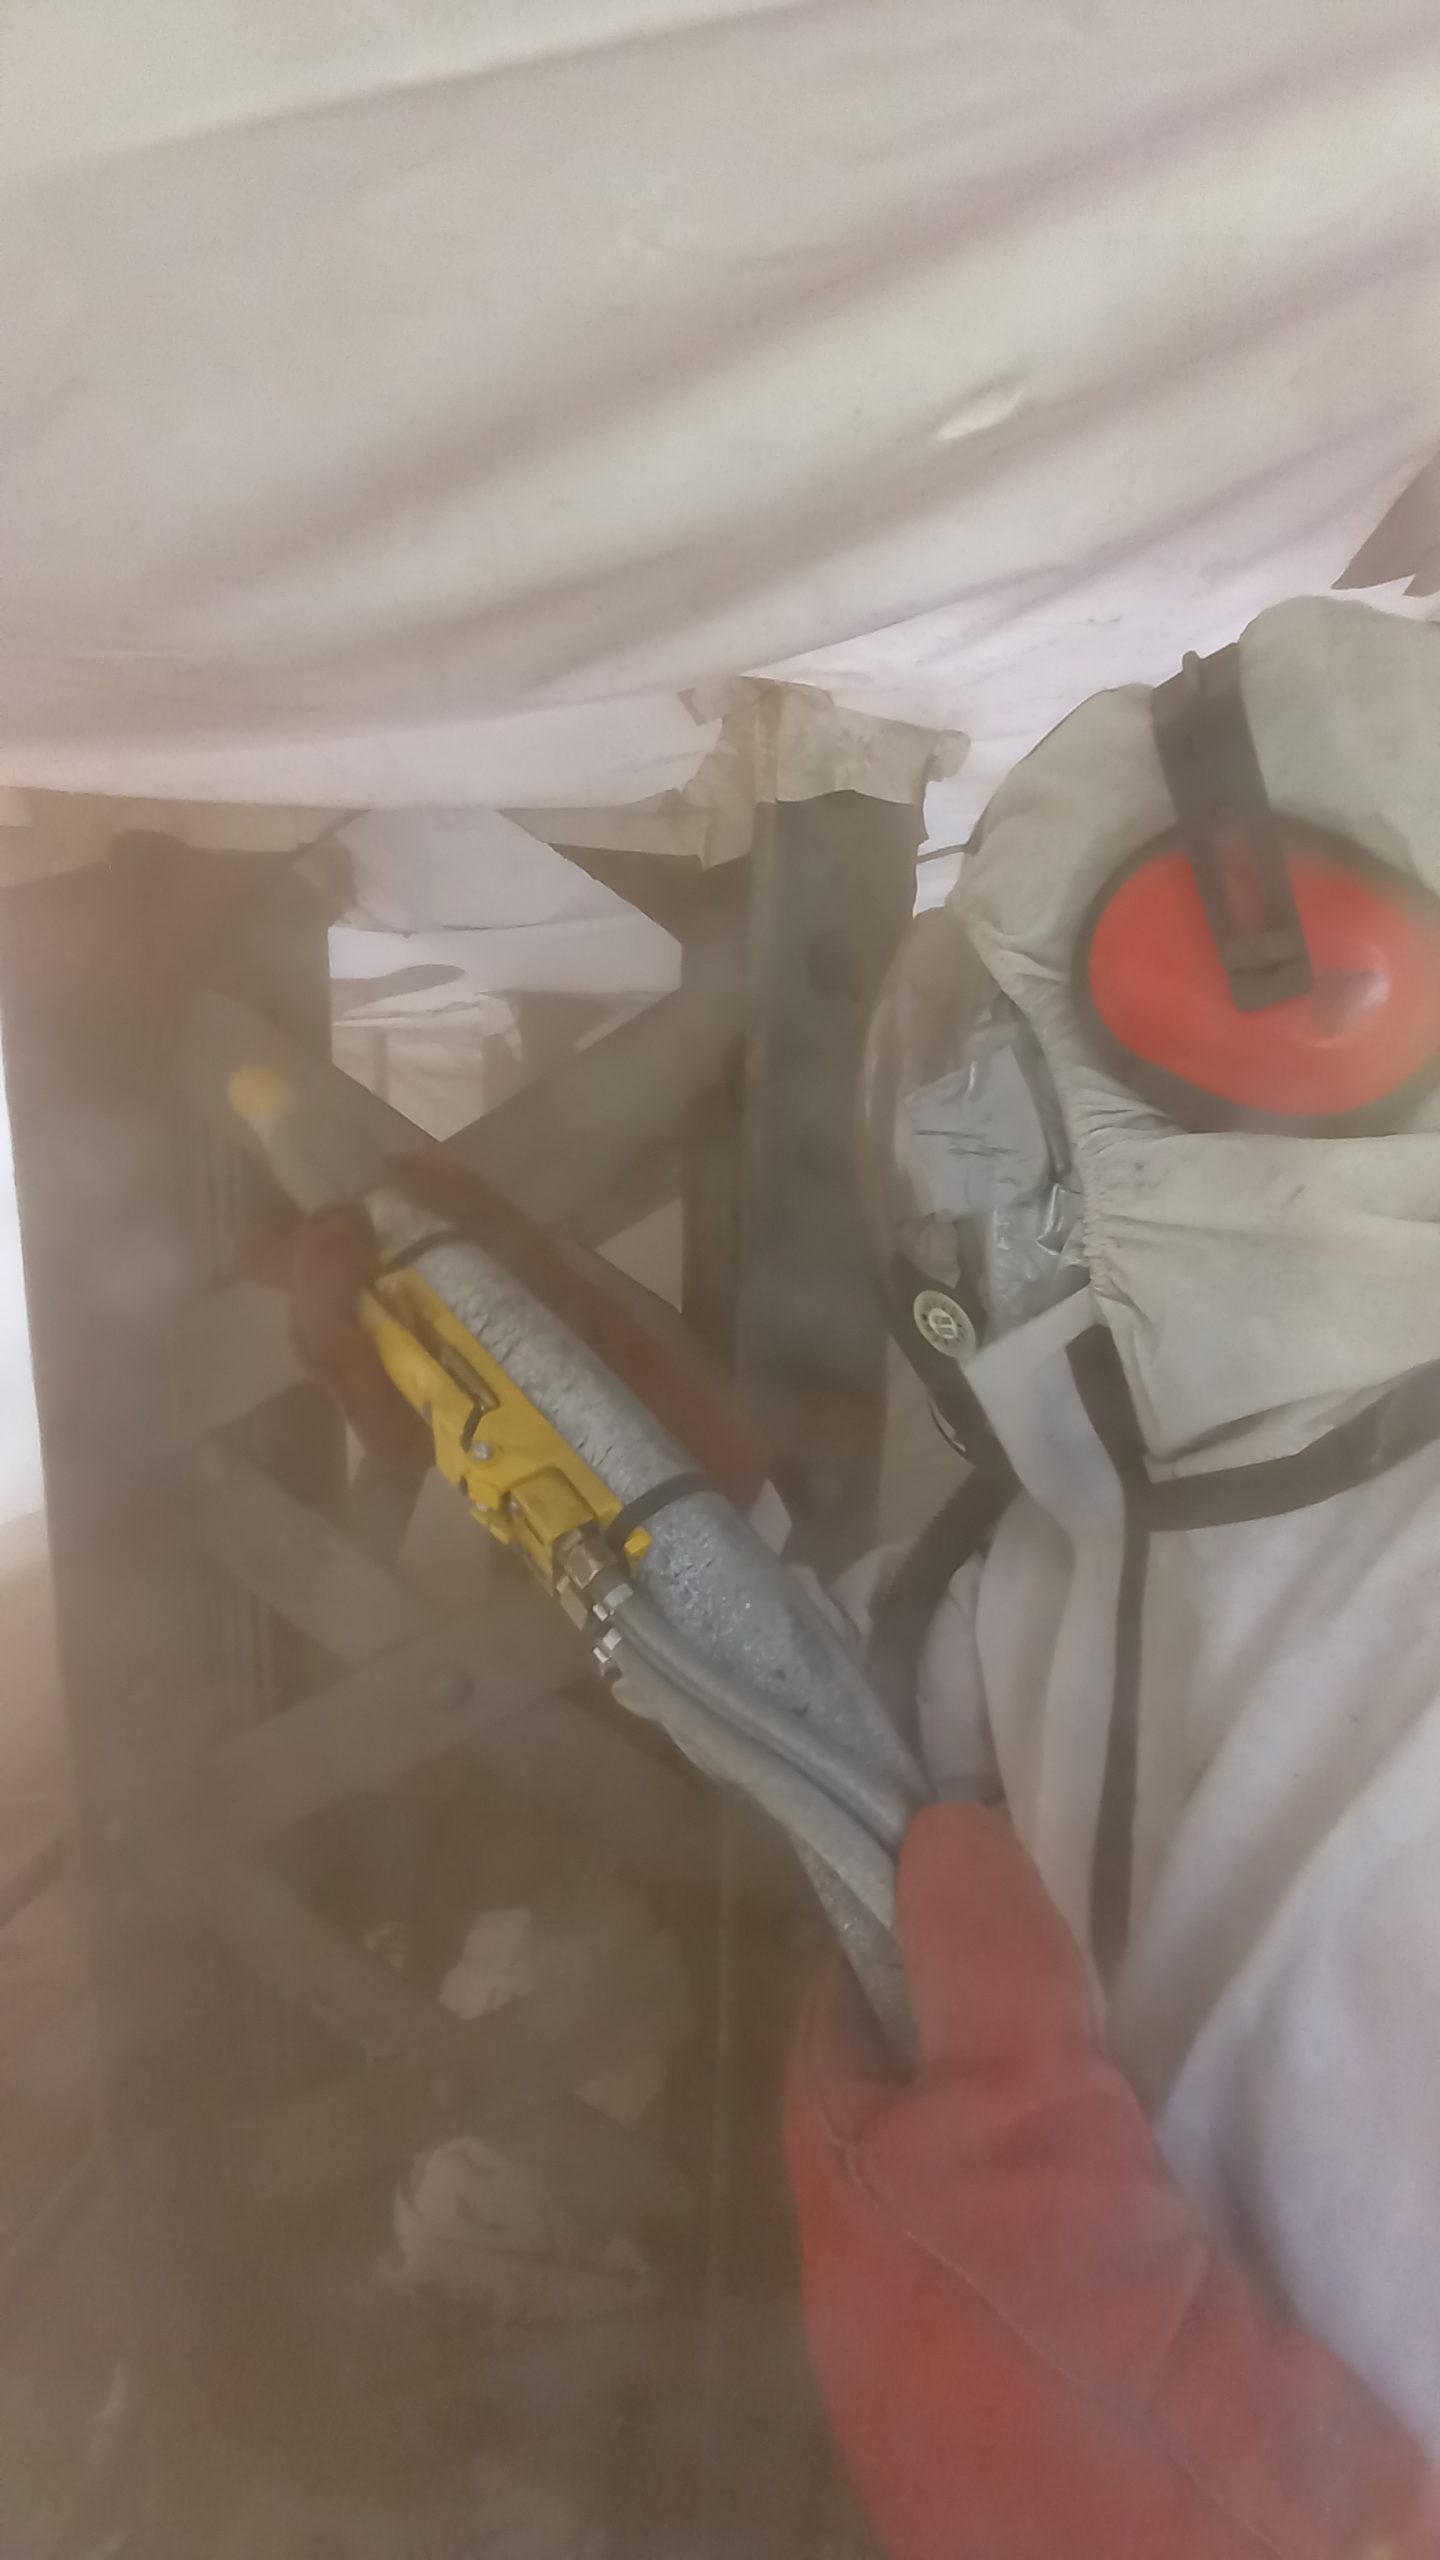 Pont Colbert - Opérateur test de décapage peinture à la grenaillage ® Ports de Normandie